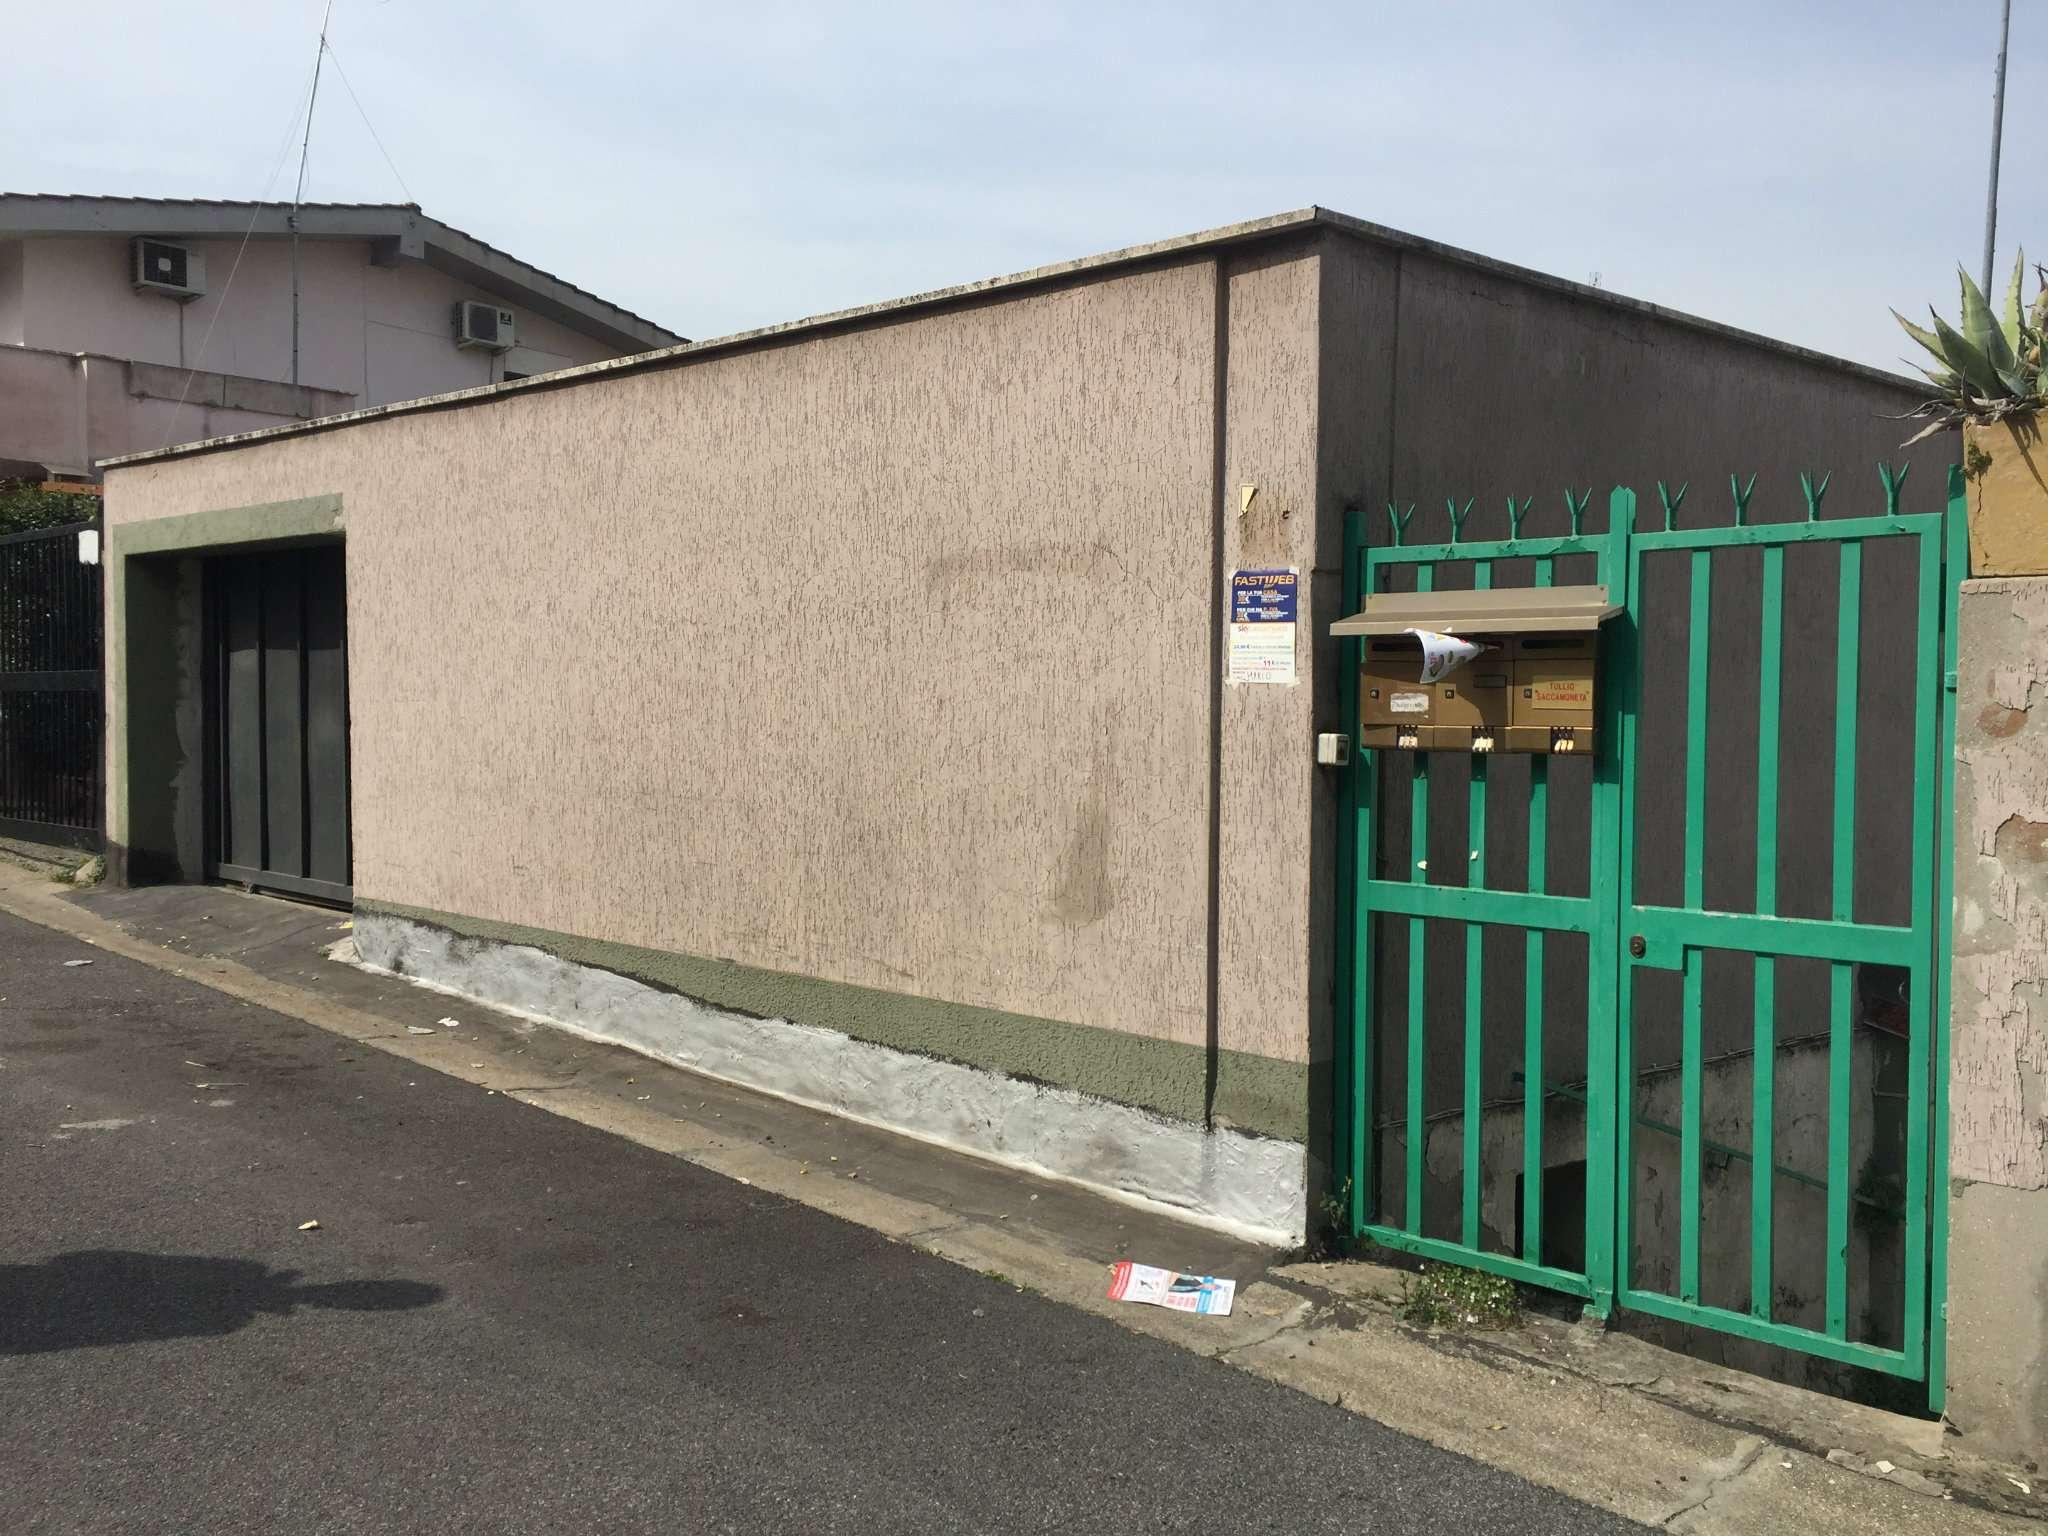 Terreno Edificabile Residenziale in vendita a Roma, 9999 locali, zona Zona: 3 . Trieste - Somalia - Salario, prezzo € 370.000 | CambioCasa.it